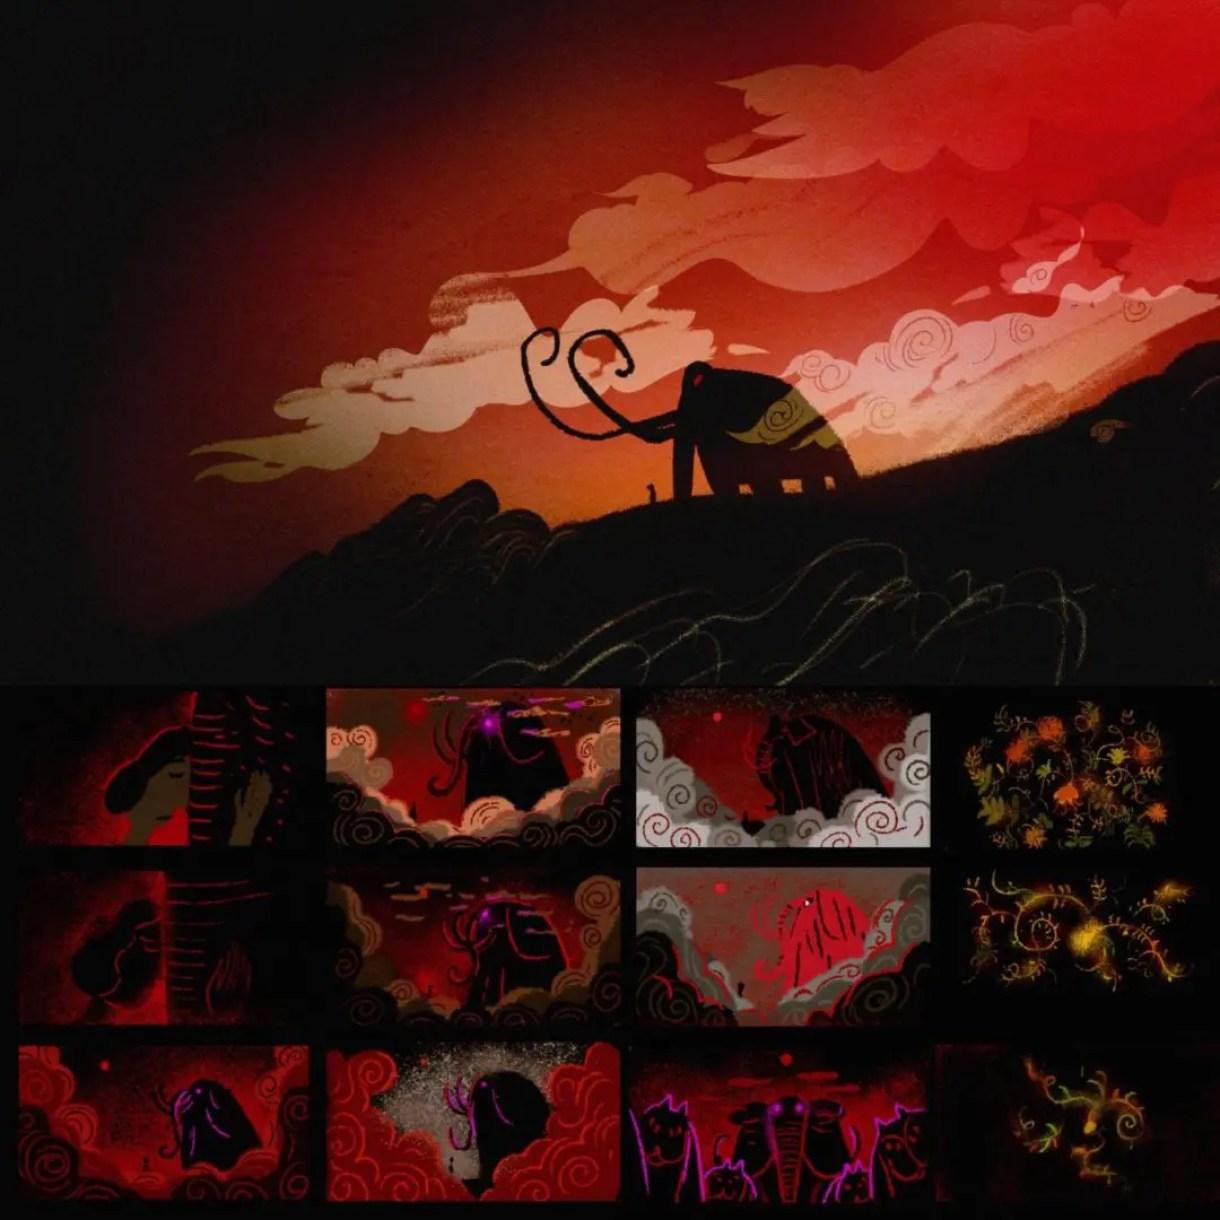 Trailer y Desarrollo Visual de la Película de Animación: The Breadwinner